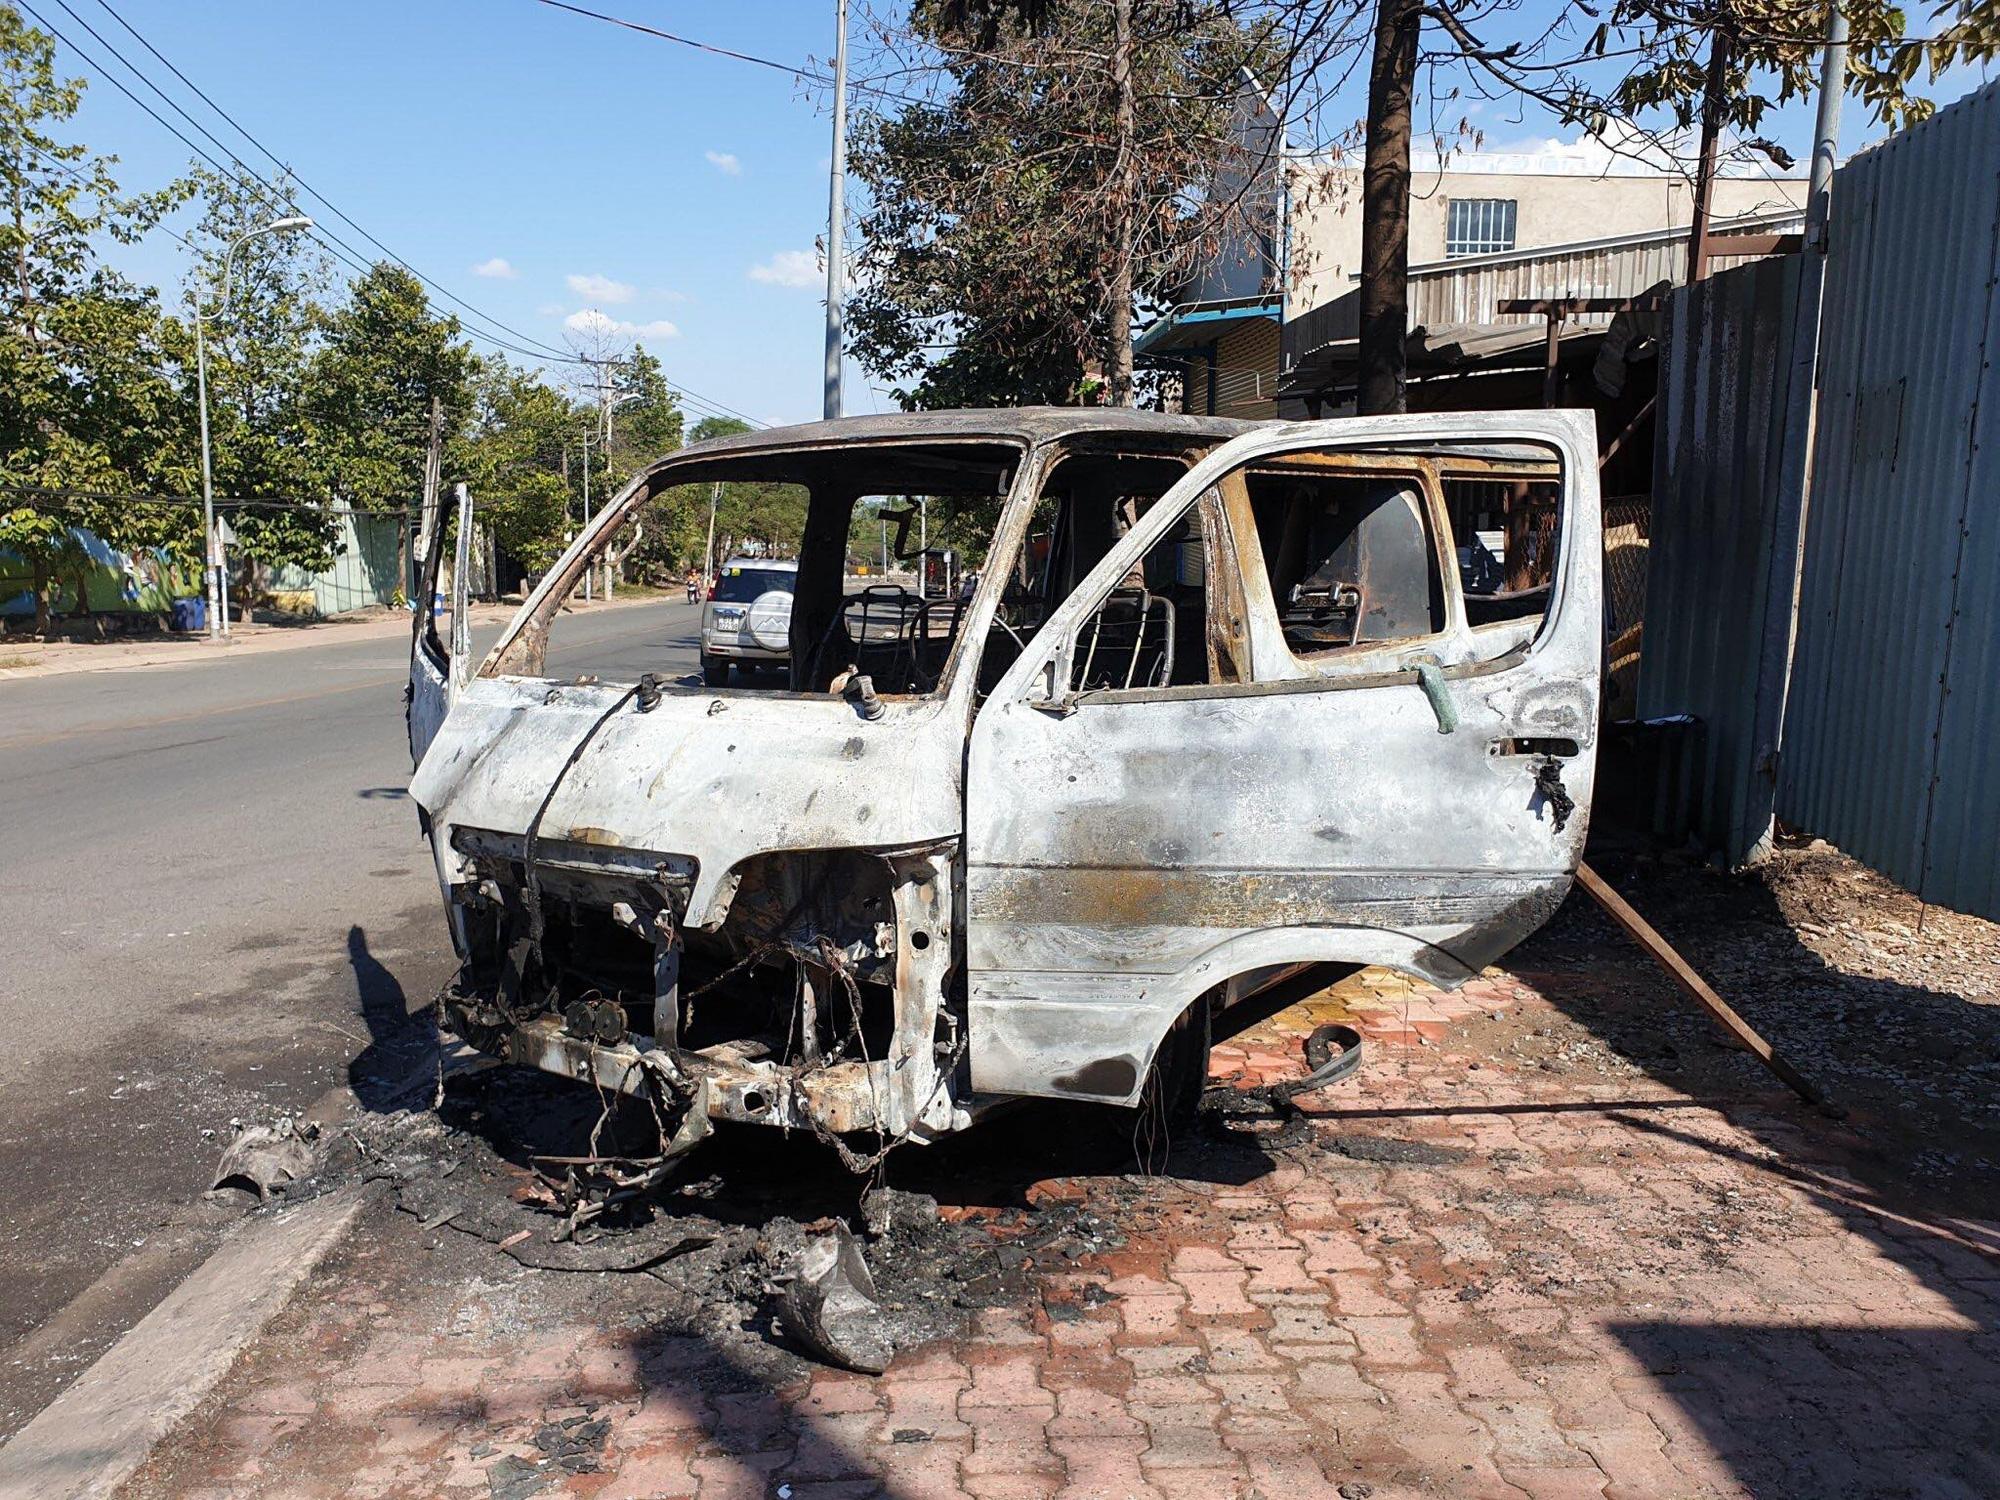 Ô tô du lịch bốc cháy rồi trôi tự do trên đường, 2 người nhảy khỏi xe thoát chết - Ảnh 1.